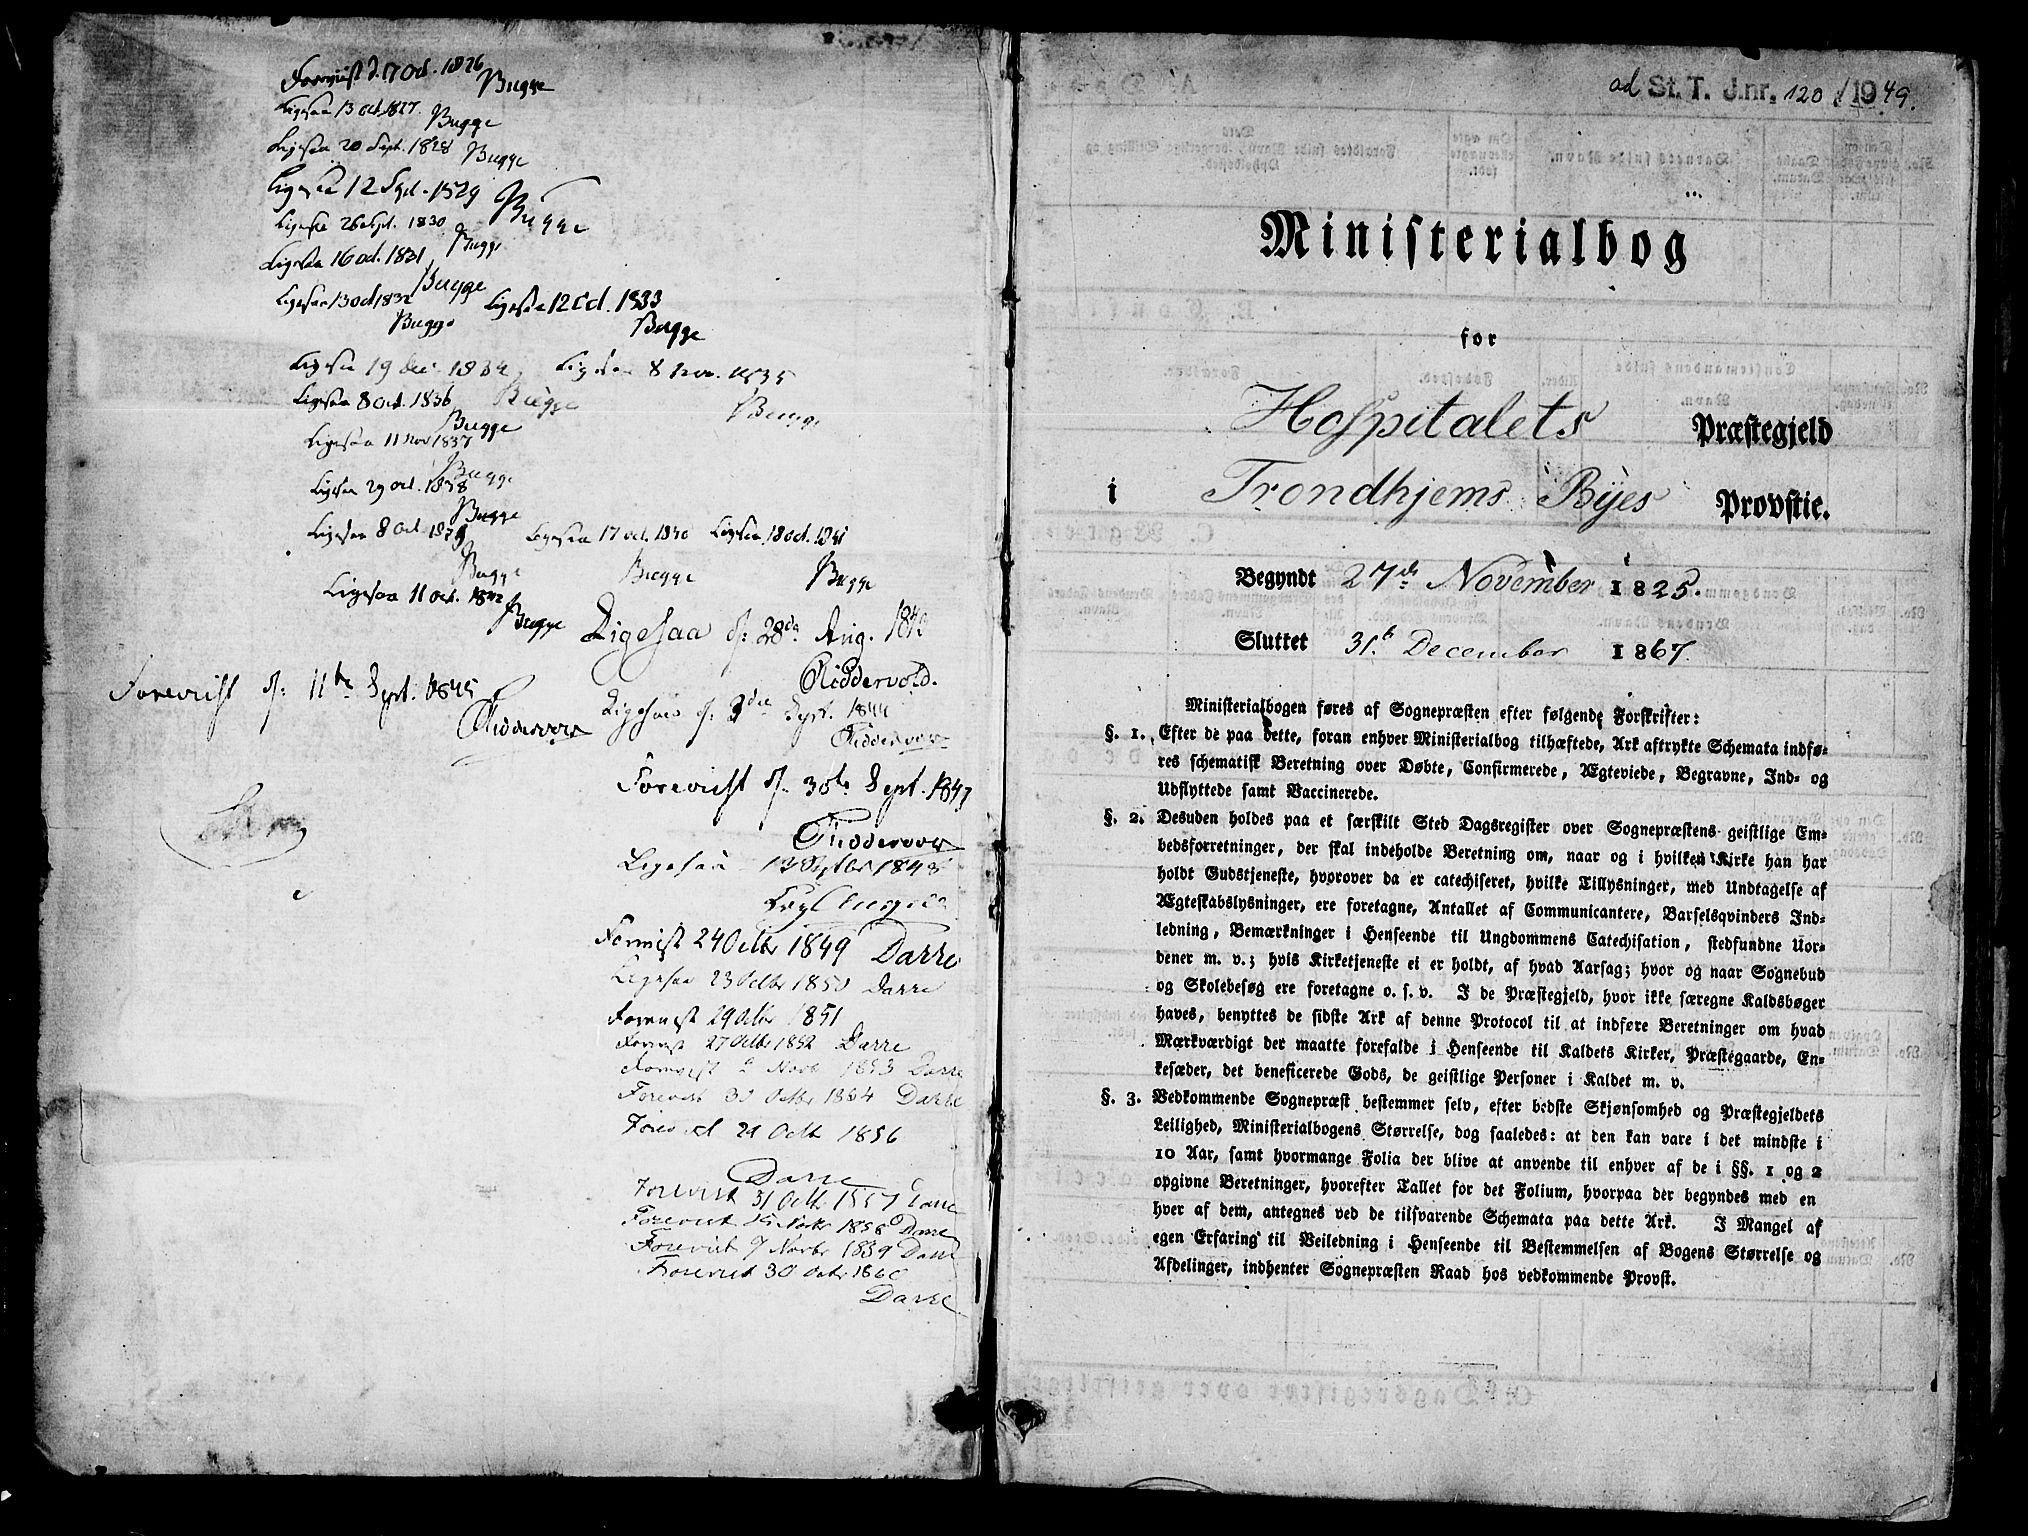 SAT, Ministerialprotokoller, klokkerbøker og fødselsregistre - Sør-Trøndelag, 623/L0468: Ministerialbok nr. 623A02, 1826-1867